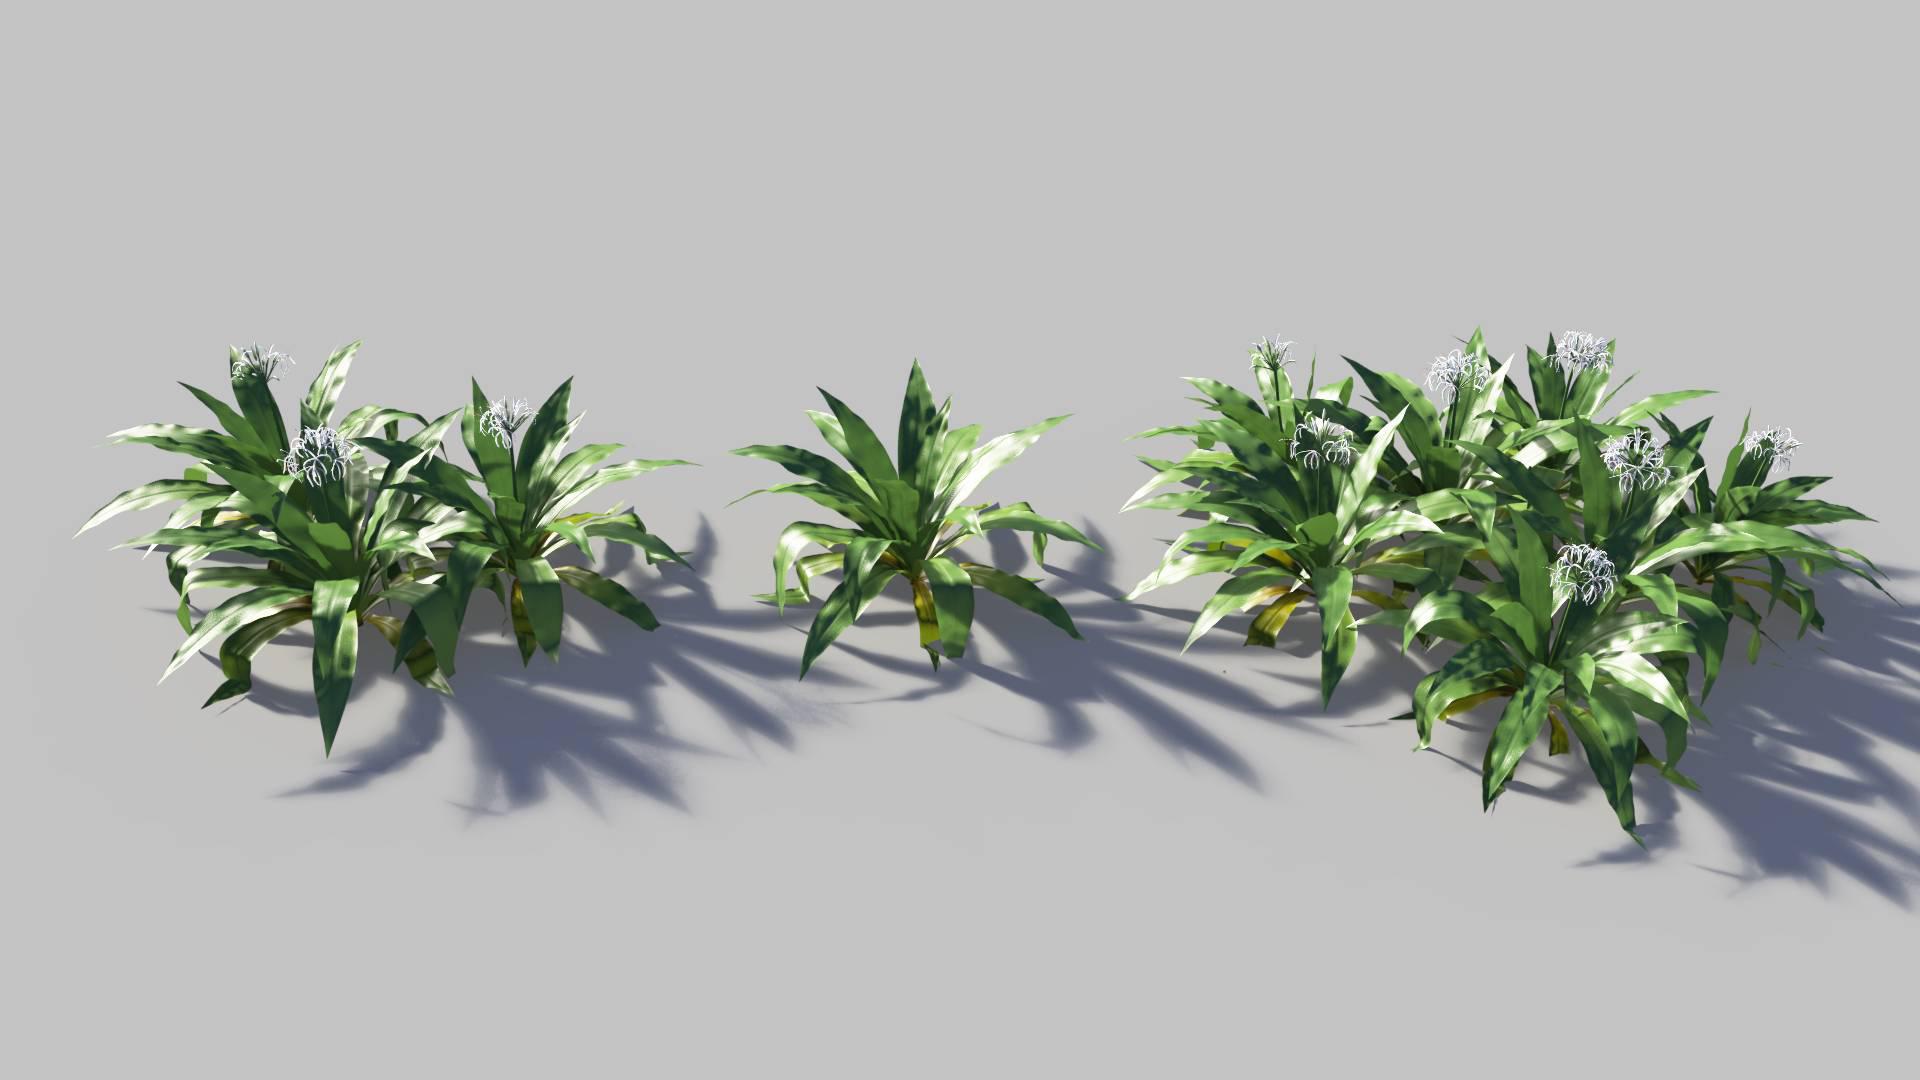 3D model of the Spider lily Crinum asiaticum